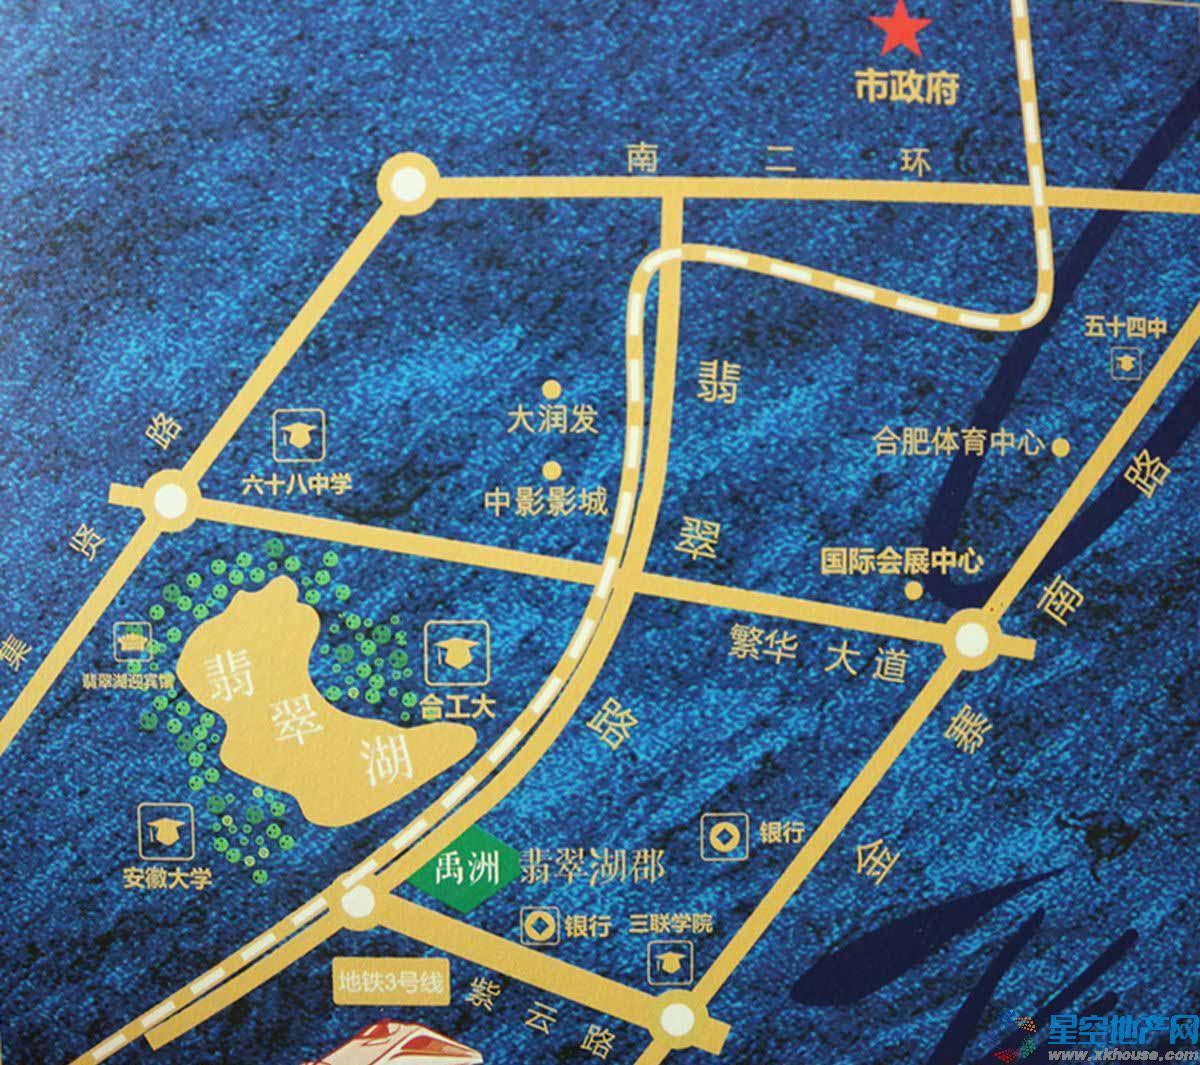 禹洲翡翠湖郡交通图